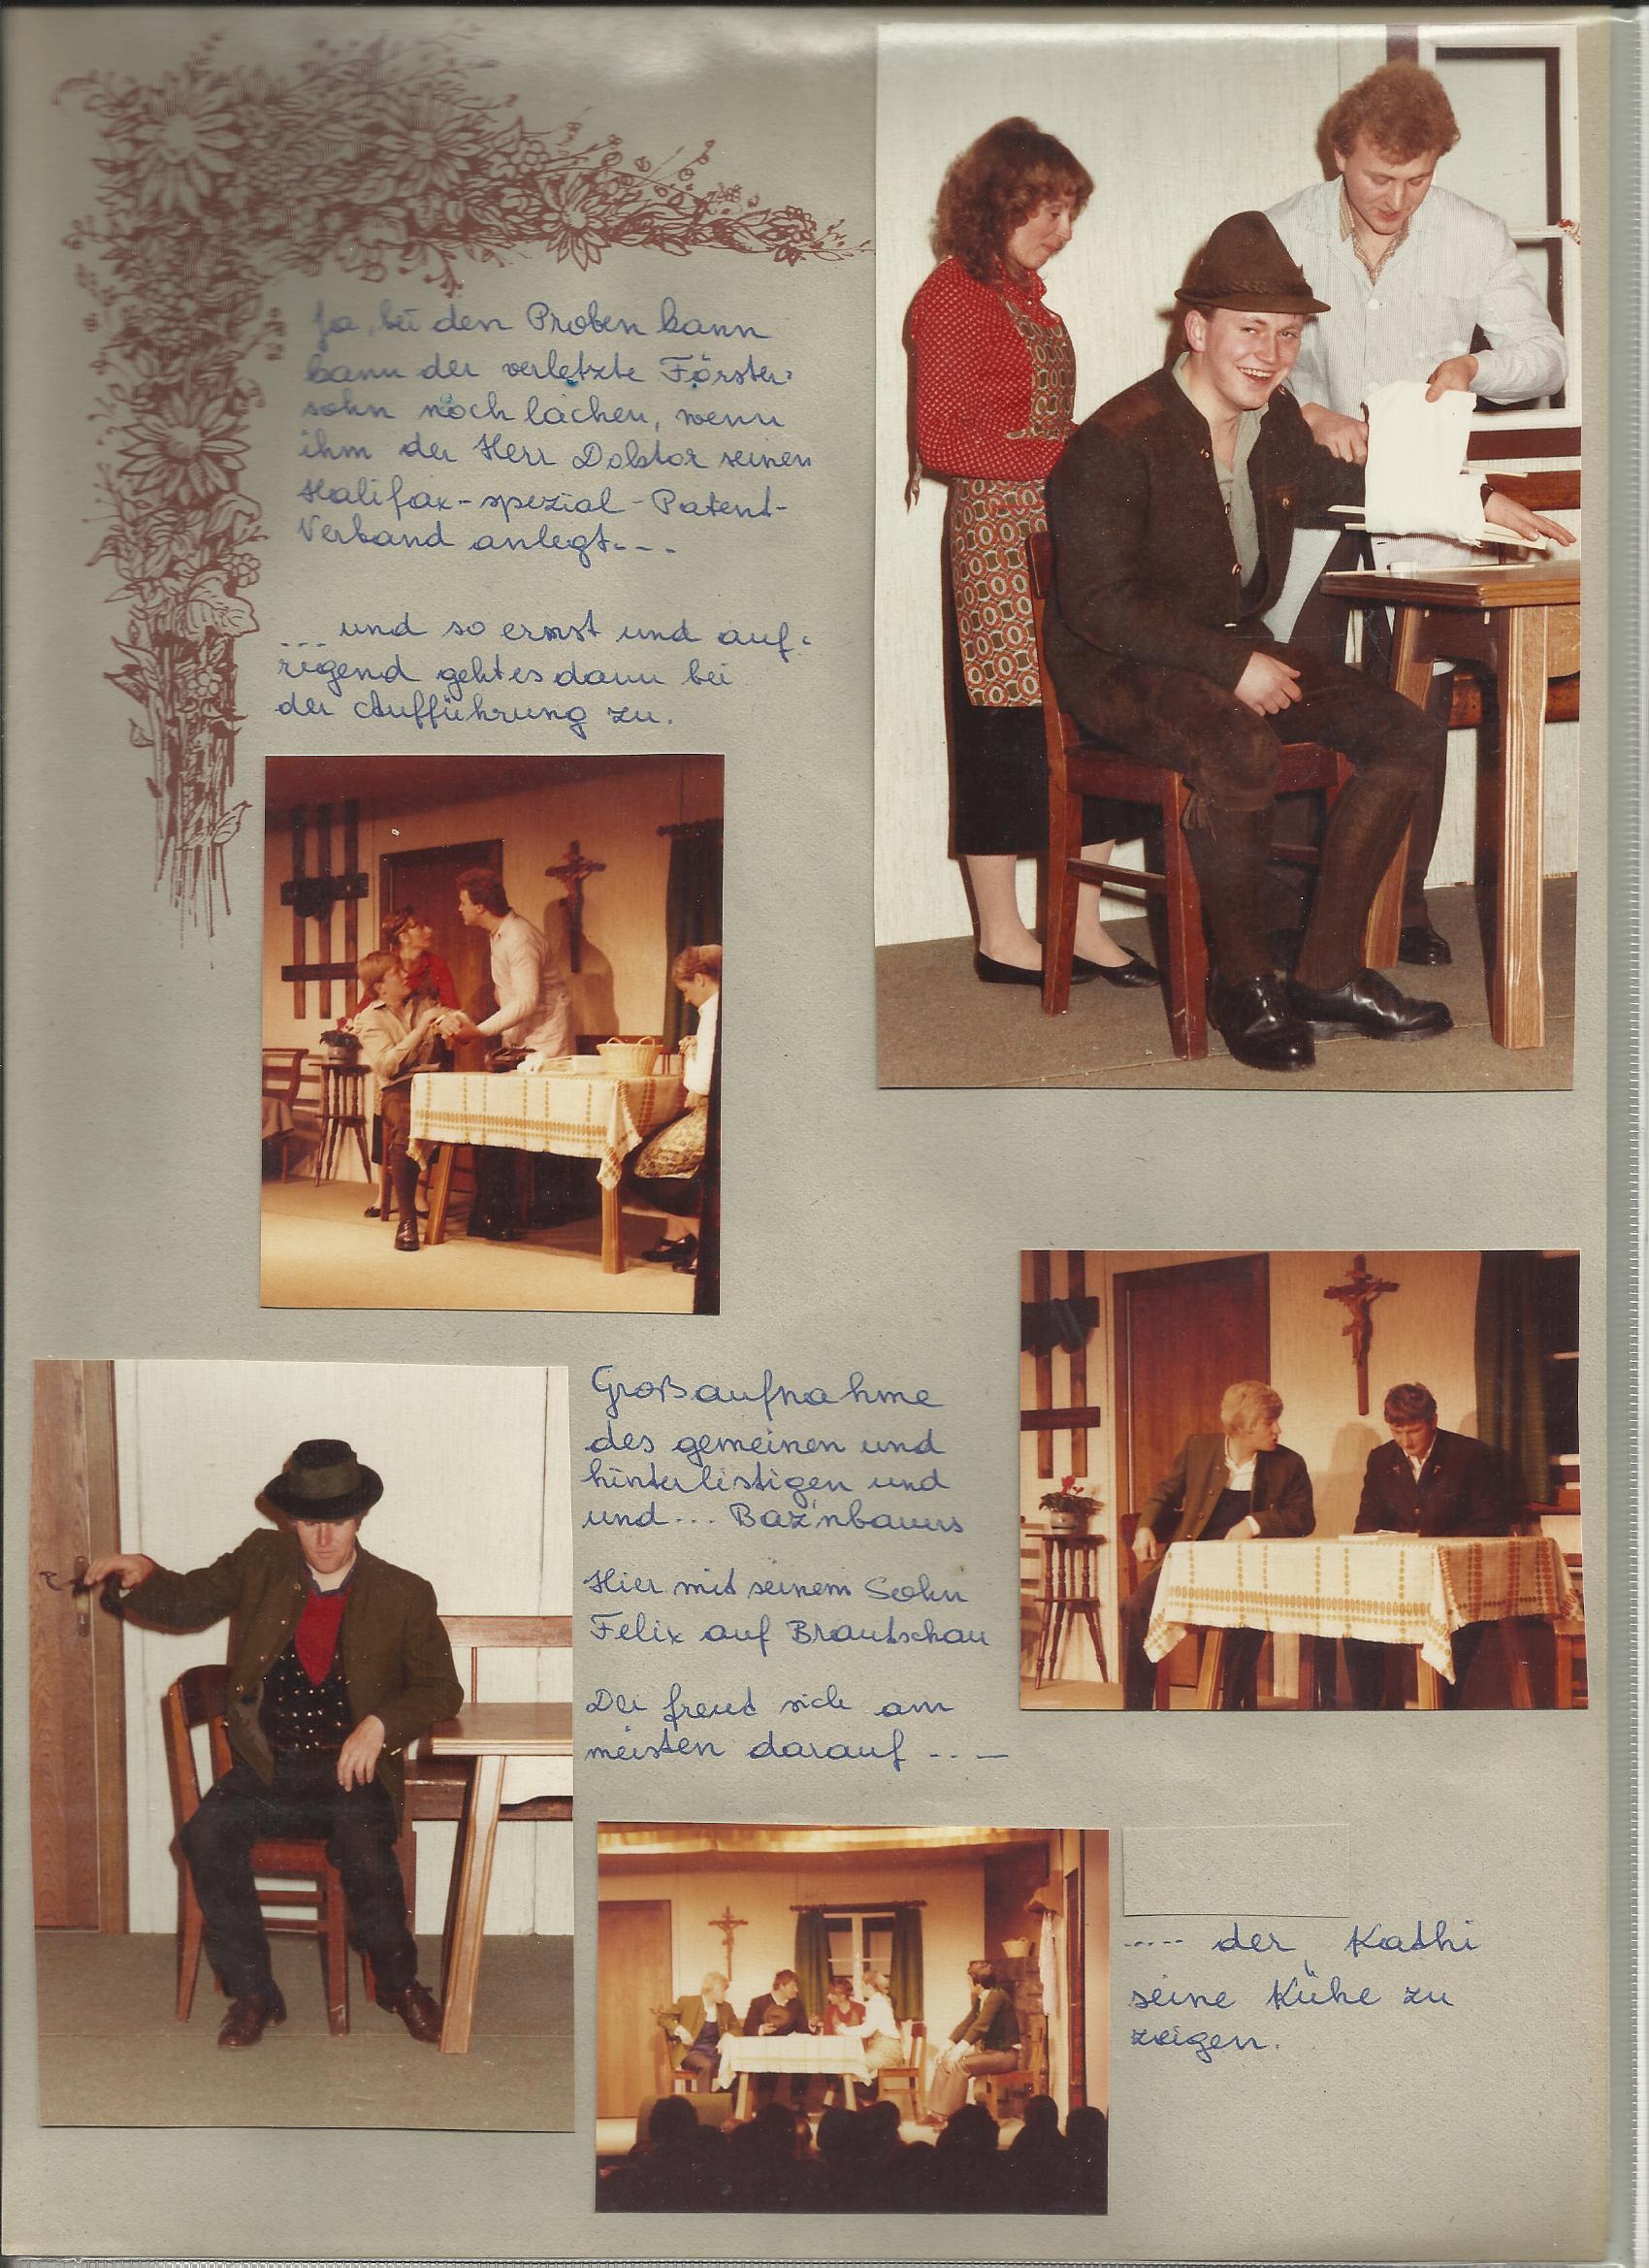 TV 1983 Die Tochter des Wilderers0004